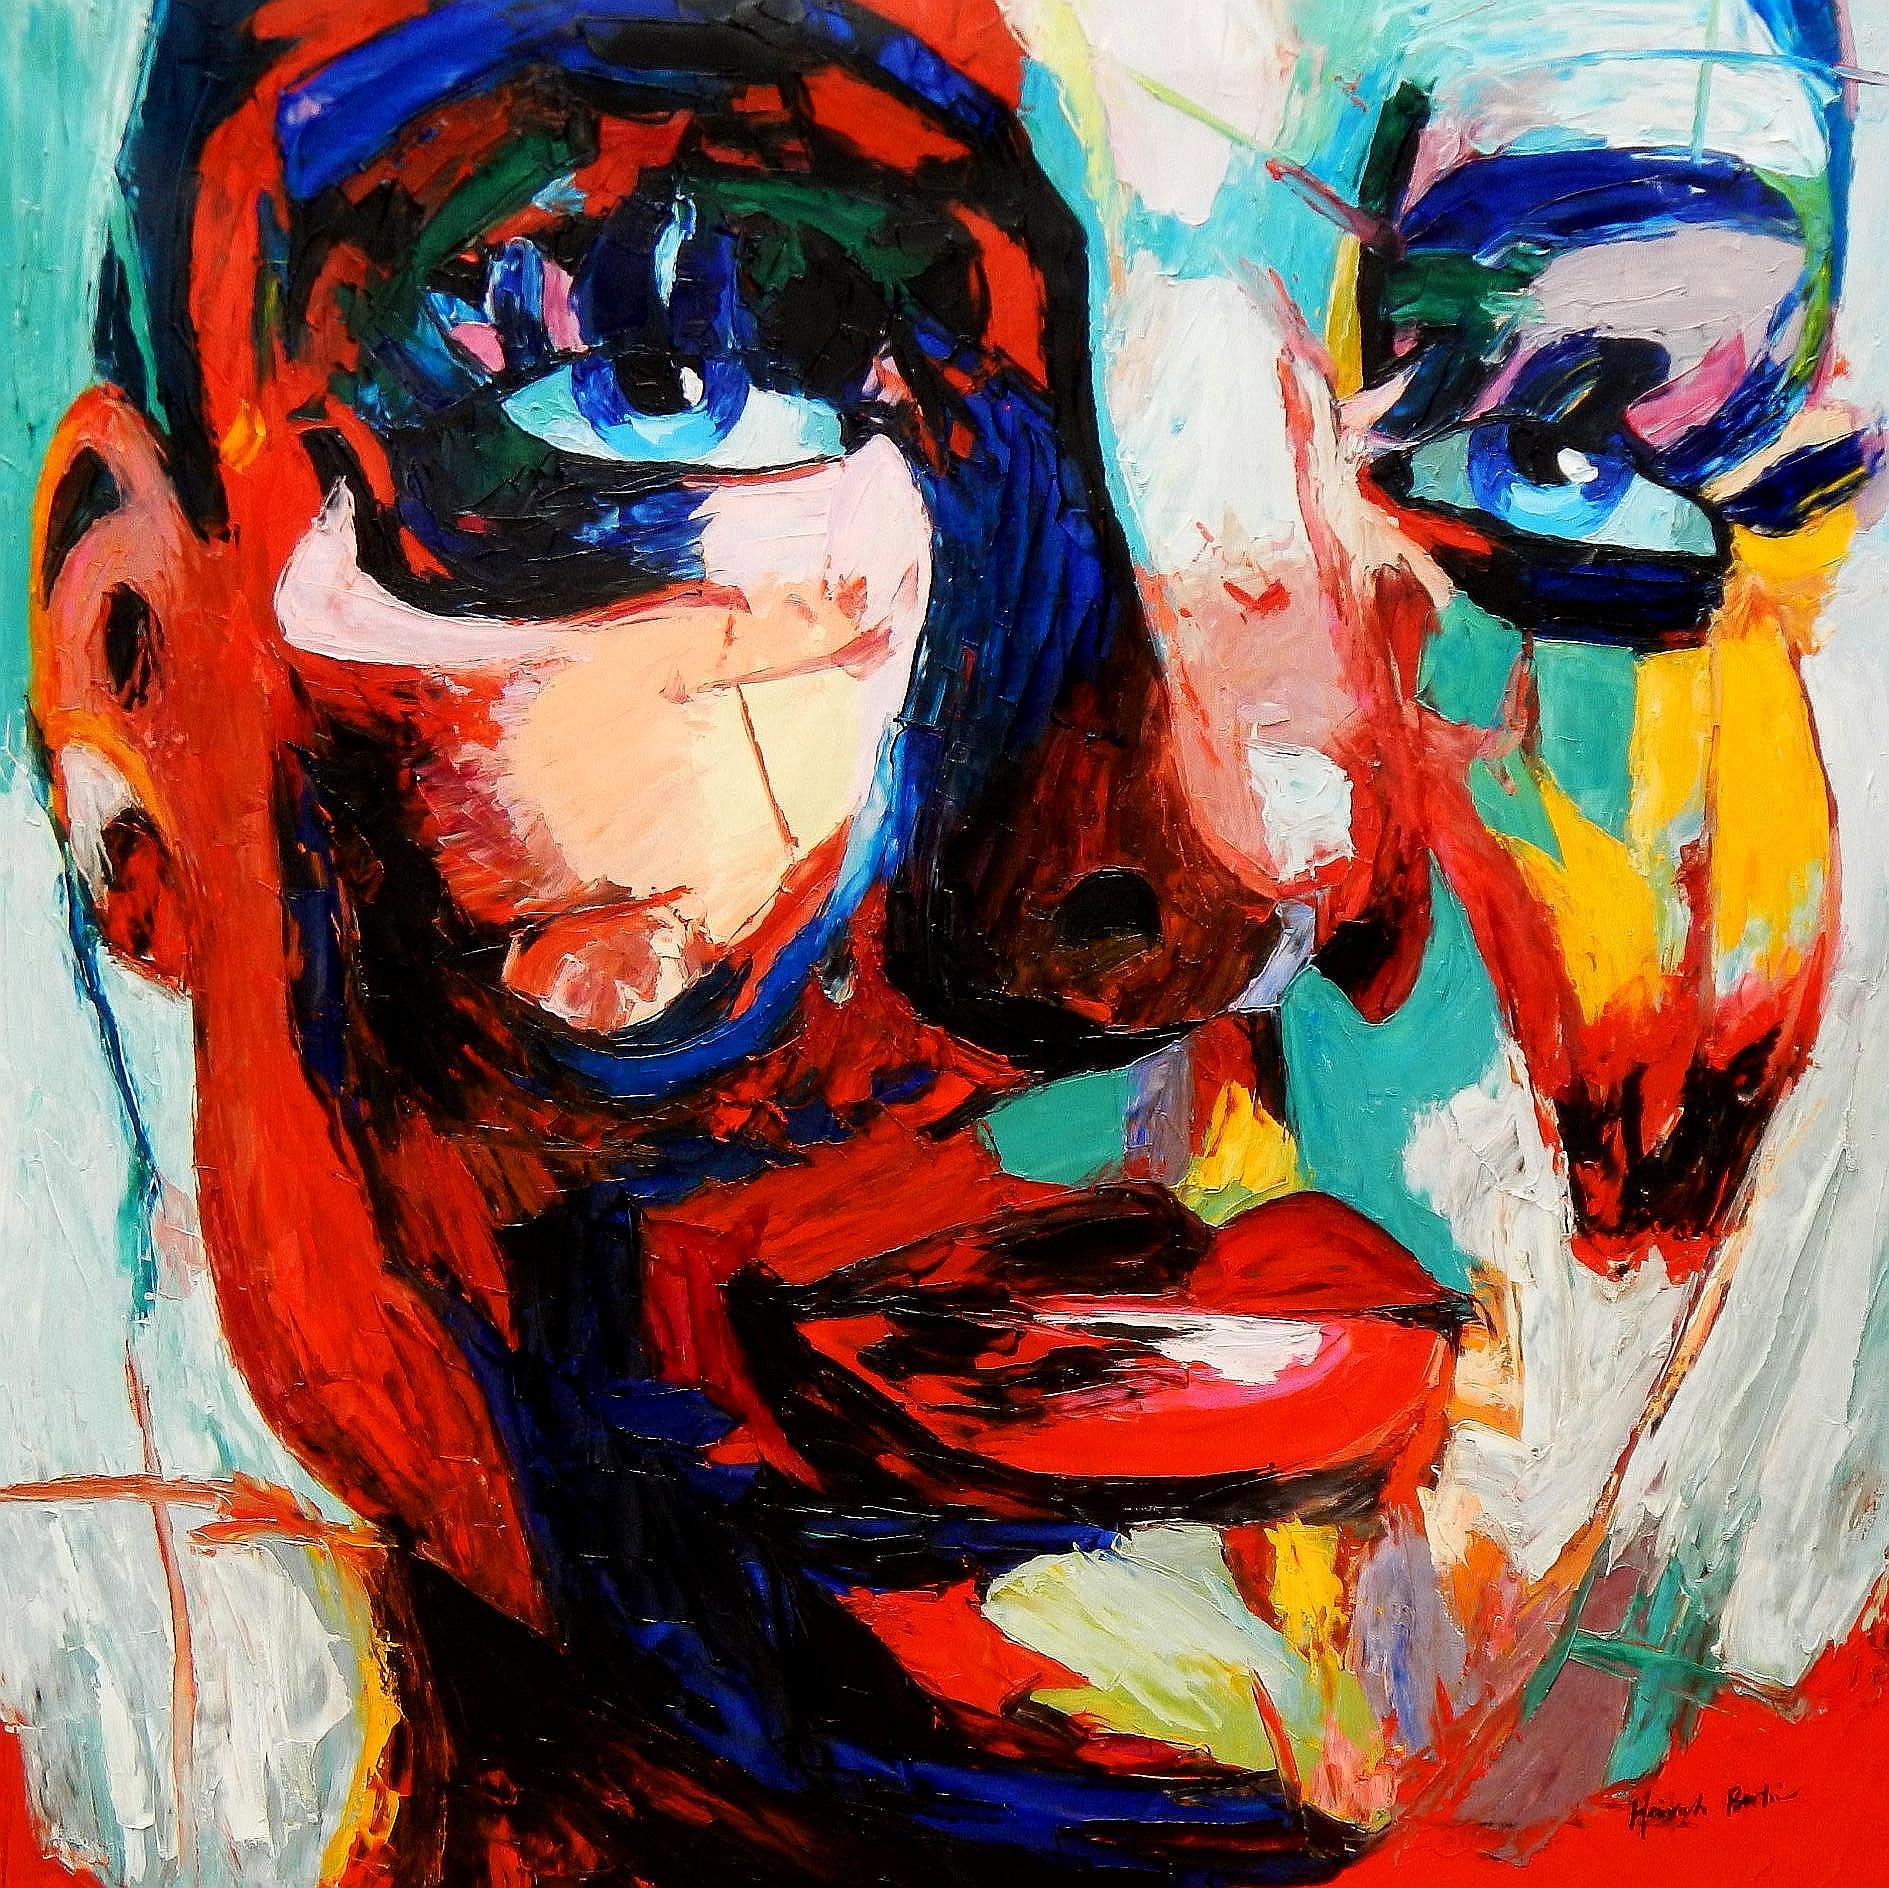 Modern Art - Die Zufriedenheit m94479 120x120cm exquisites Ölgemälde